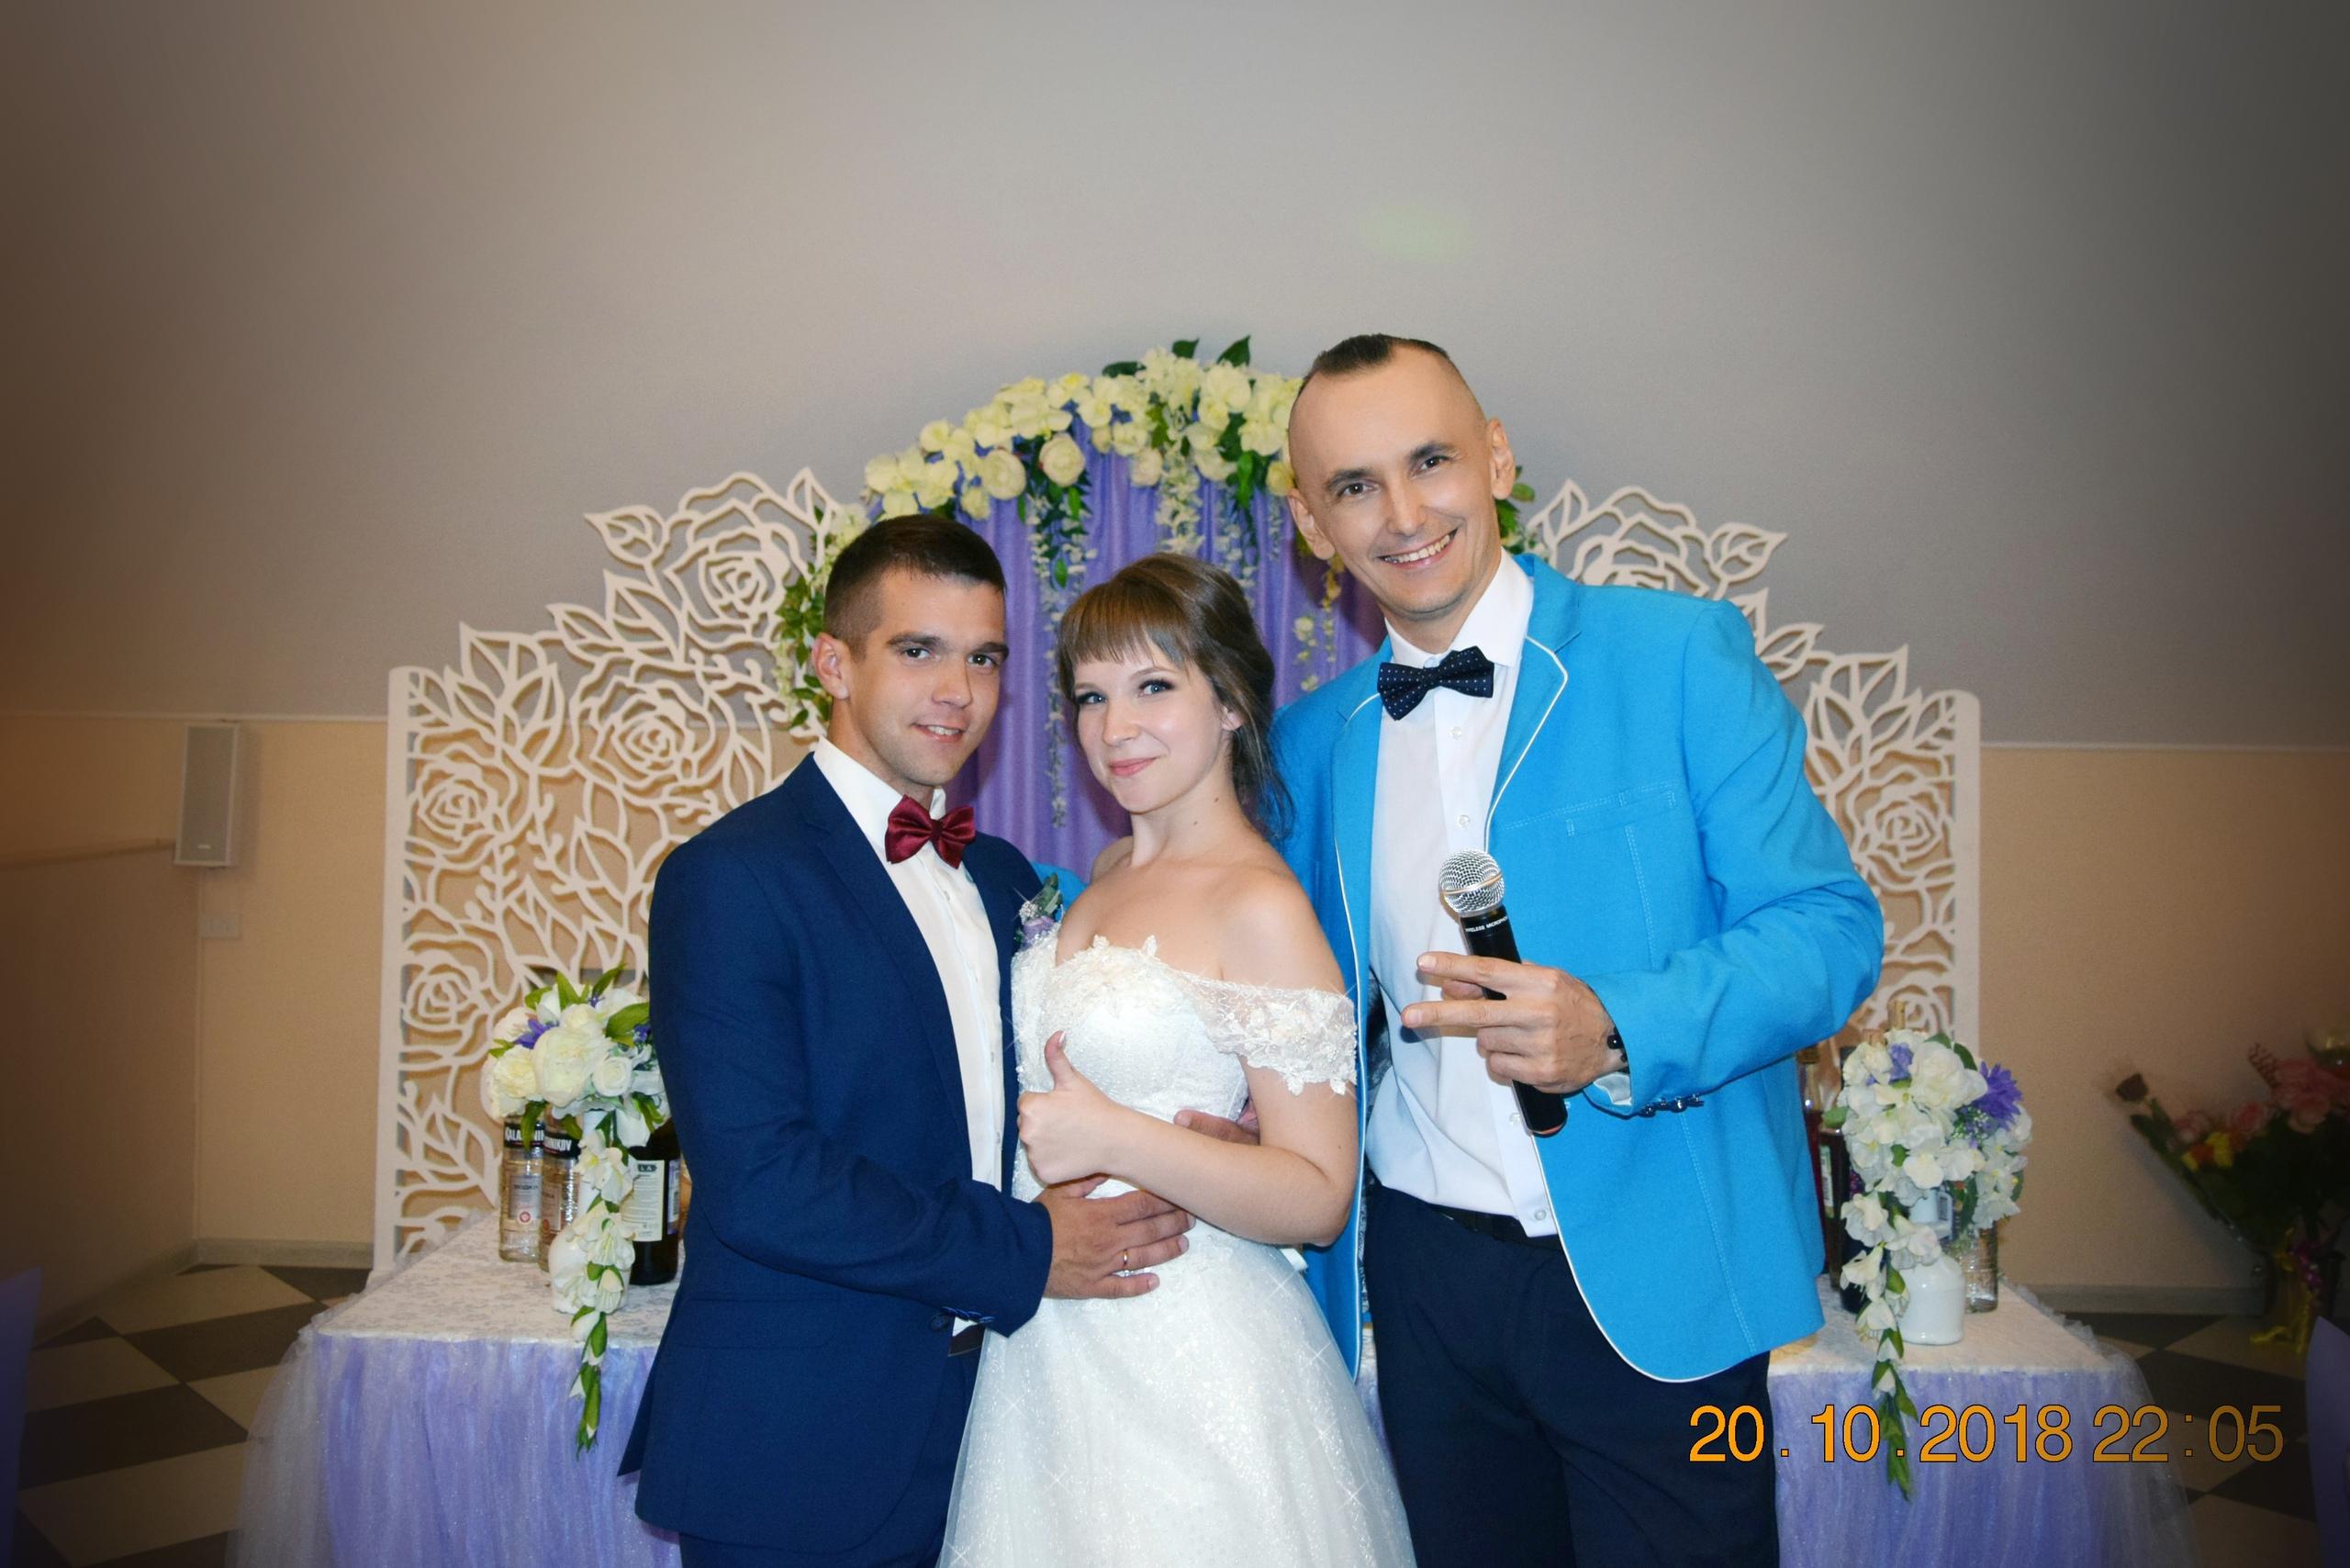 R yE9RTh4k - Свадьба Никиты и Алены